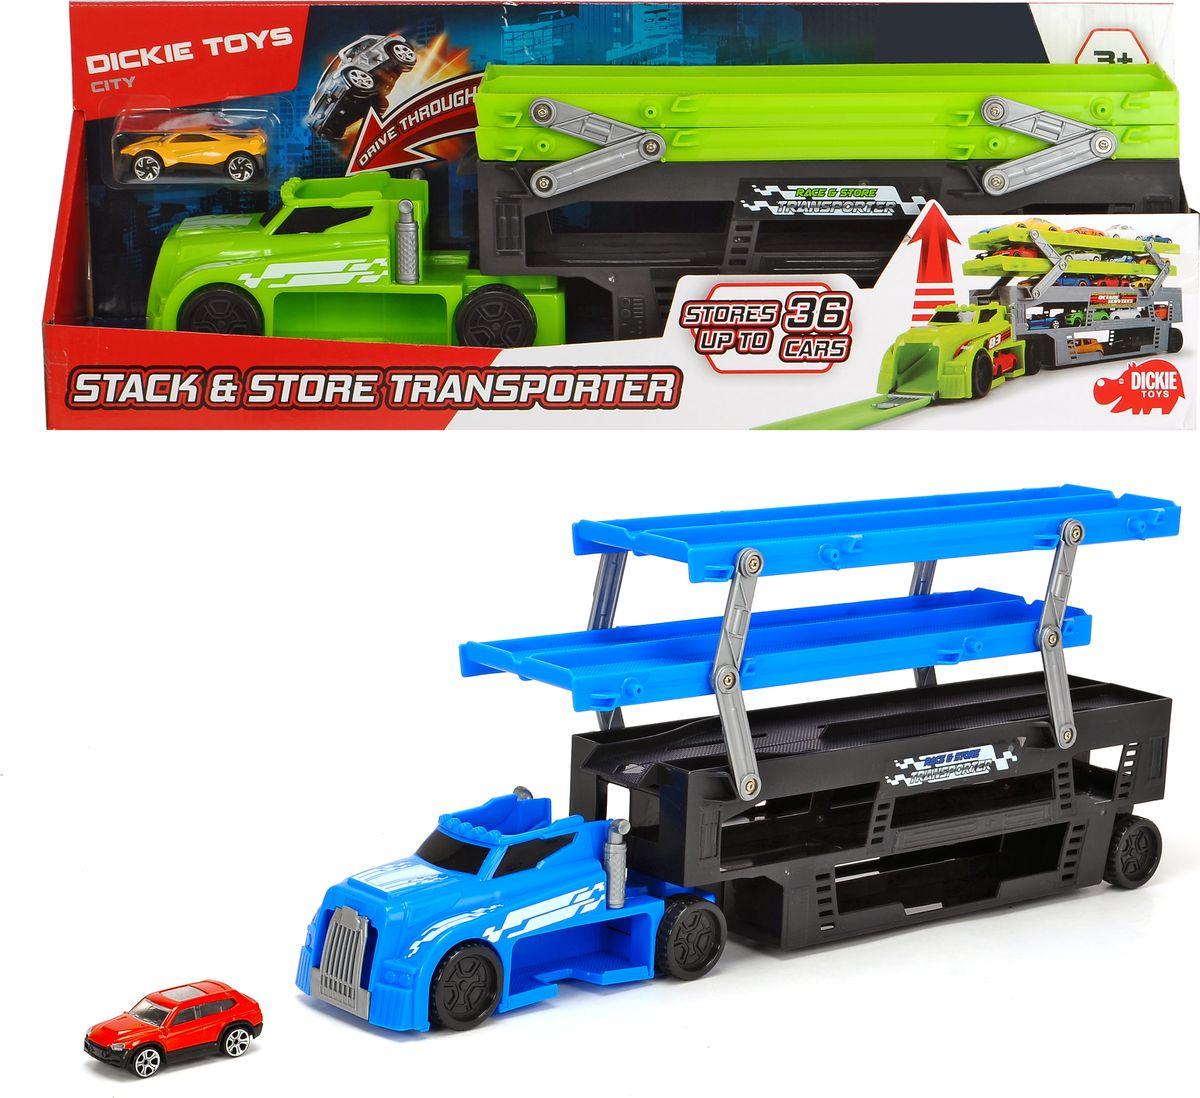 Автовоз Dickie Toys City, цвет: зеленый, 44,5 см + 1 машинка